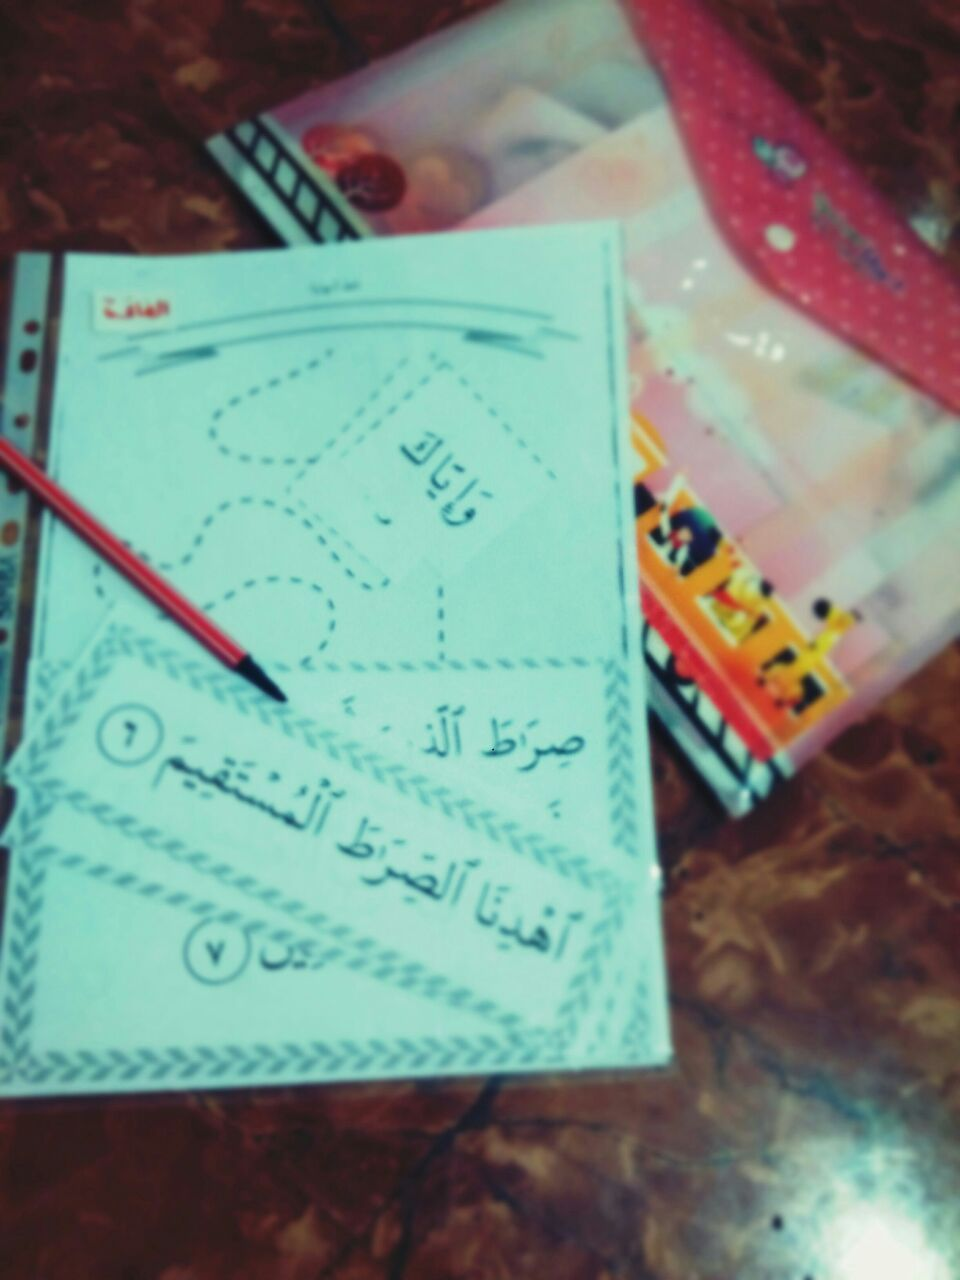 شرح واف لكيفية تطبيق هذه السلسلة و كيف نستخدم بطاقات التحفيظ مع الاطفال و كيف يتم تفسير جزء عم له Islamic Kids Activities Muslim Kids Activities Islam For Kids